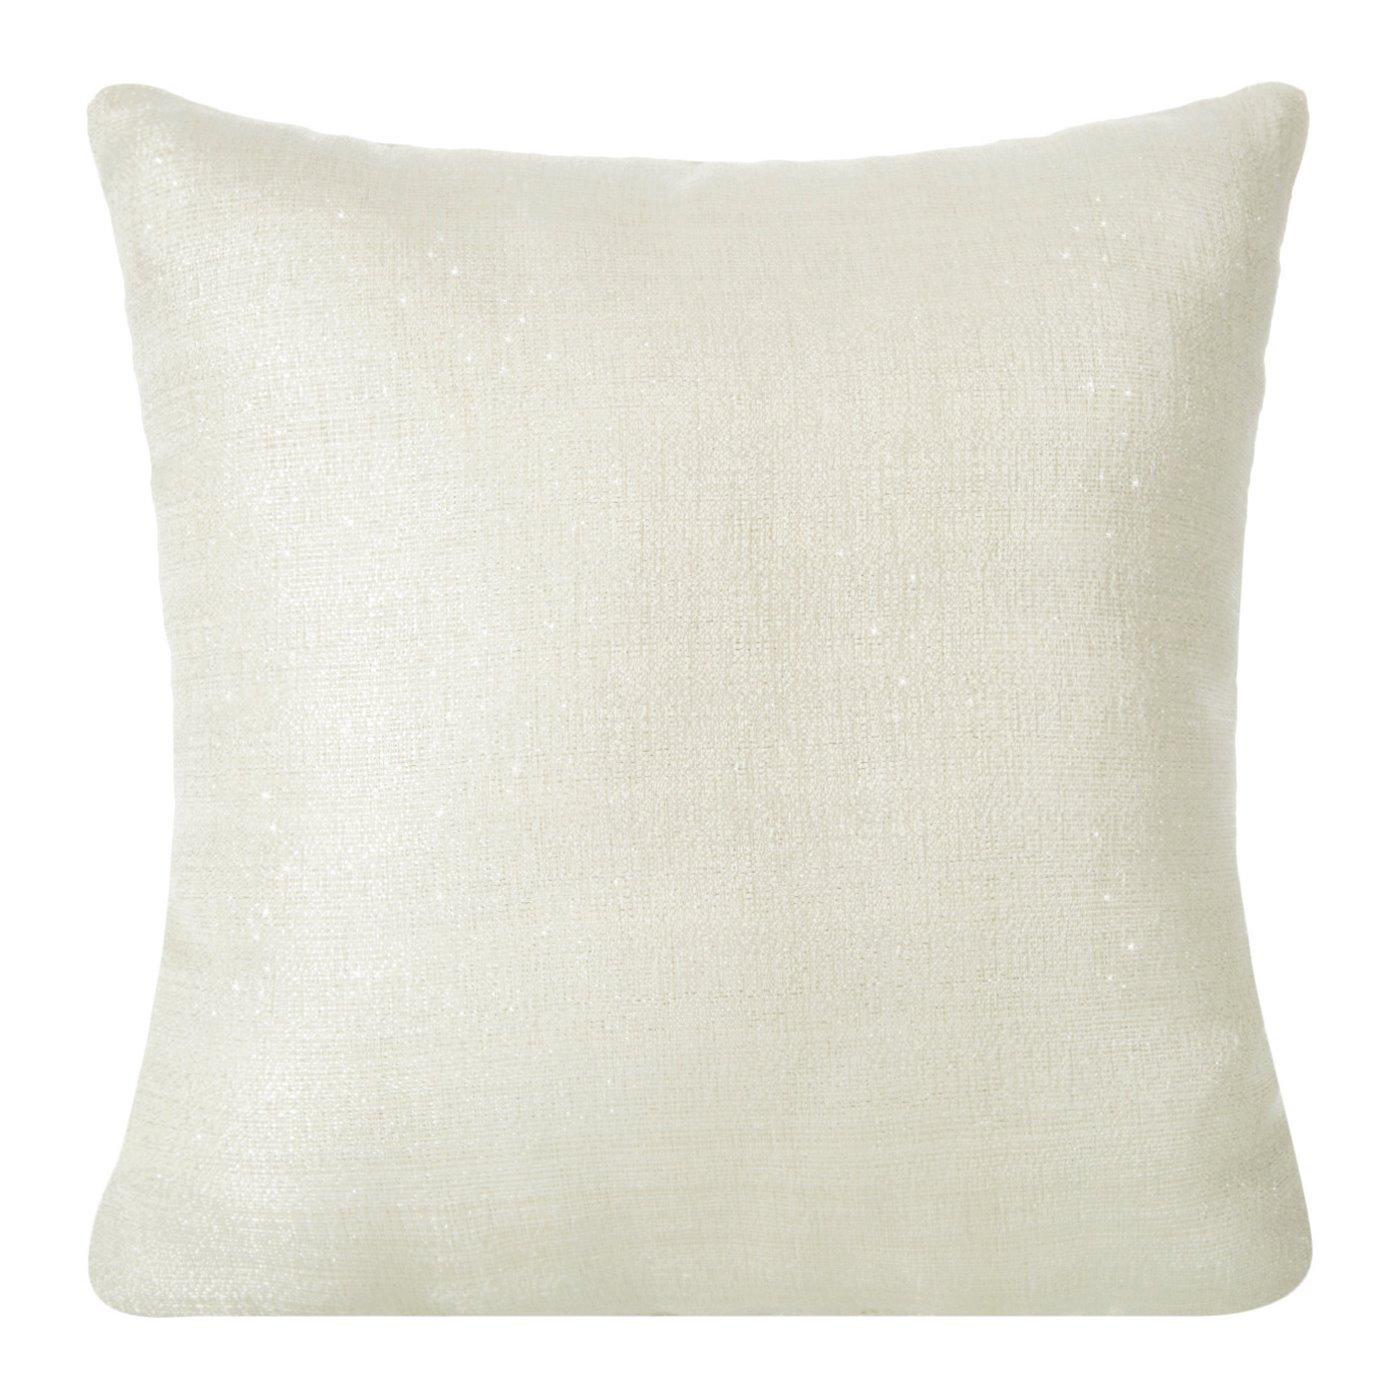 Poszewka na poduszkę 40 x 40 cm kremowa